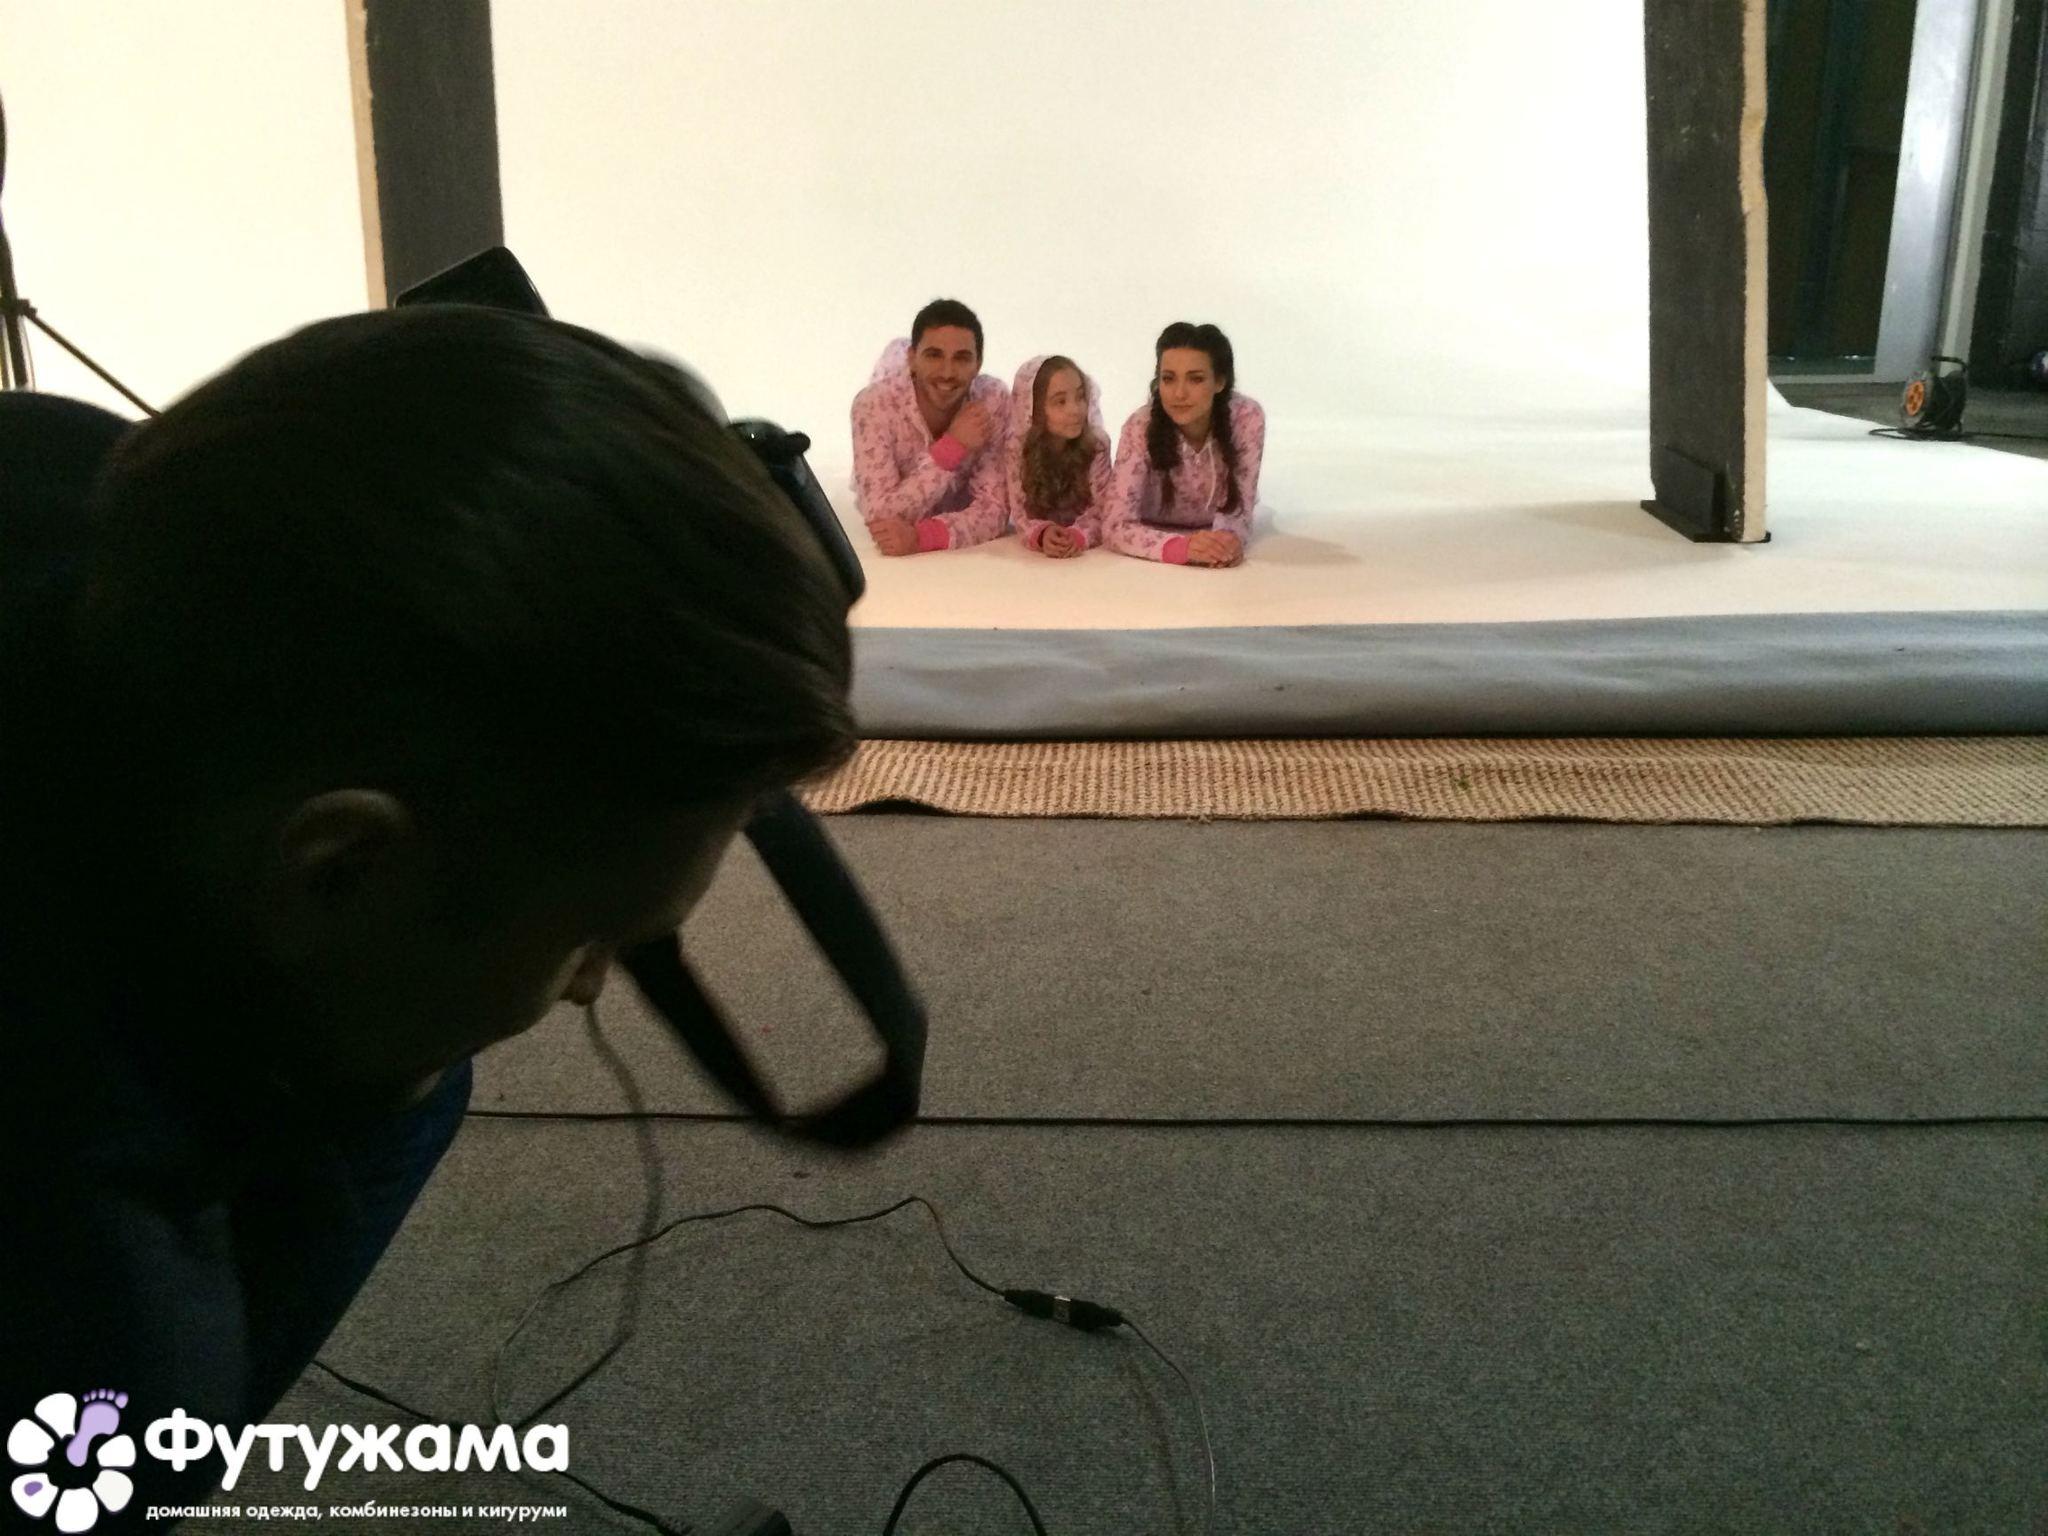 Новые модели и новые фото на Футужама.Ру